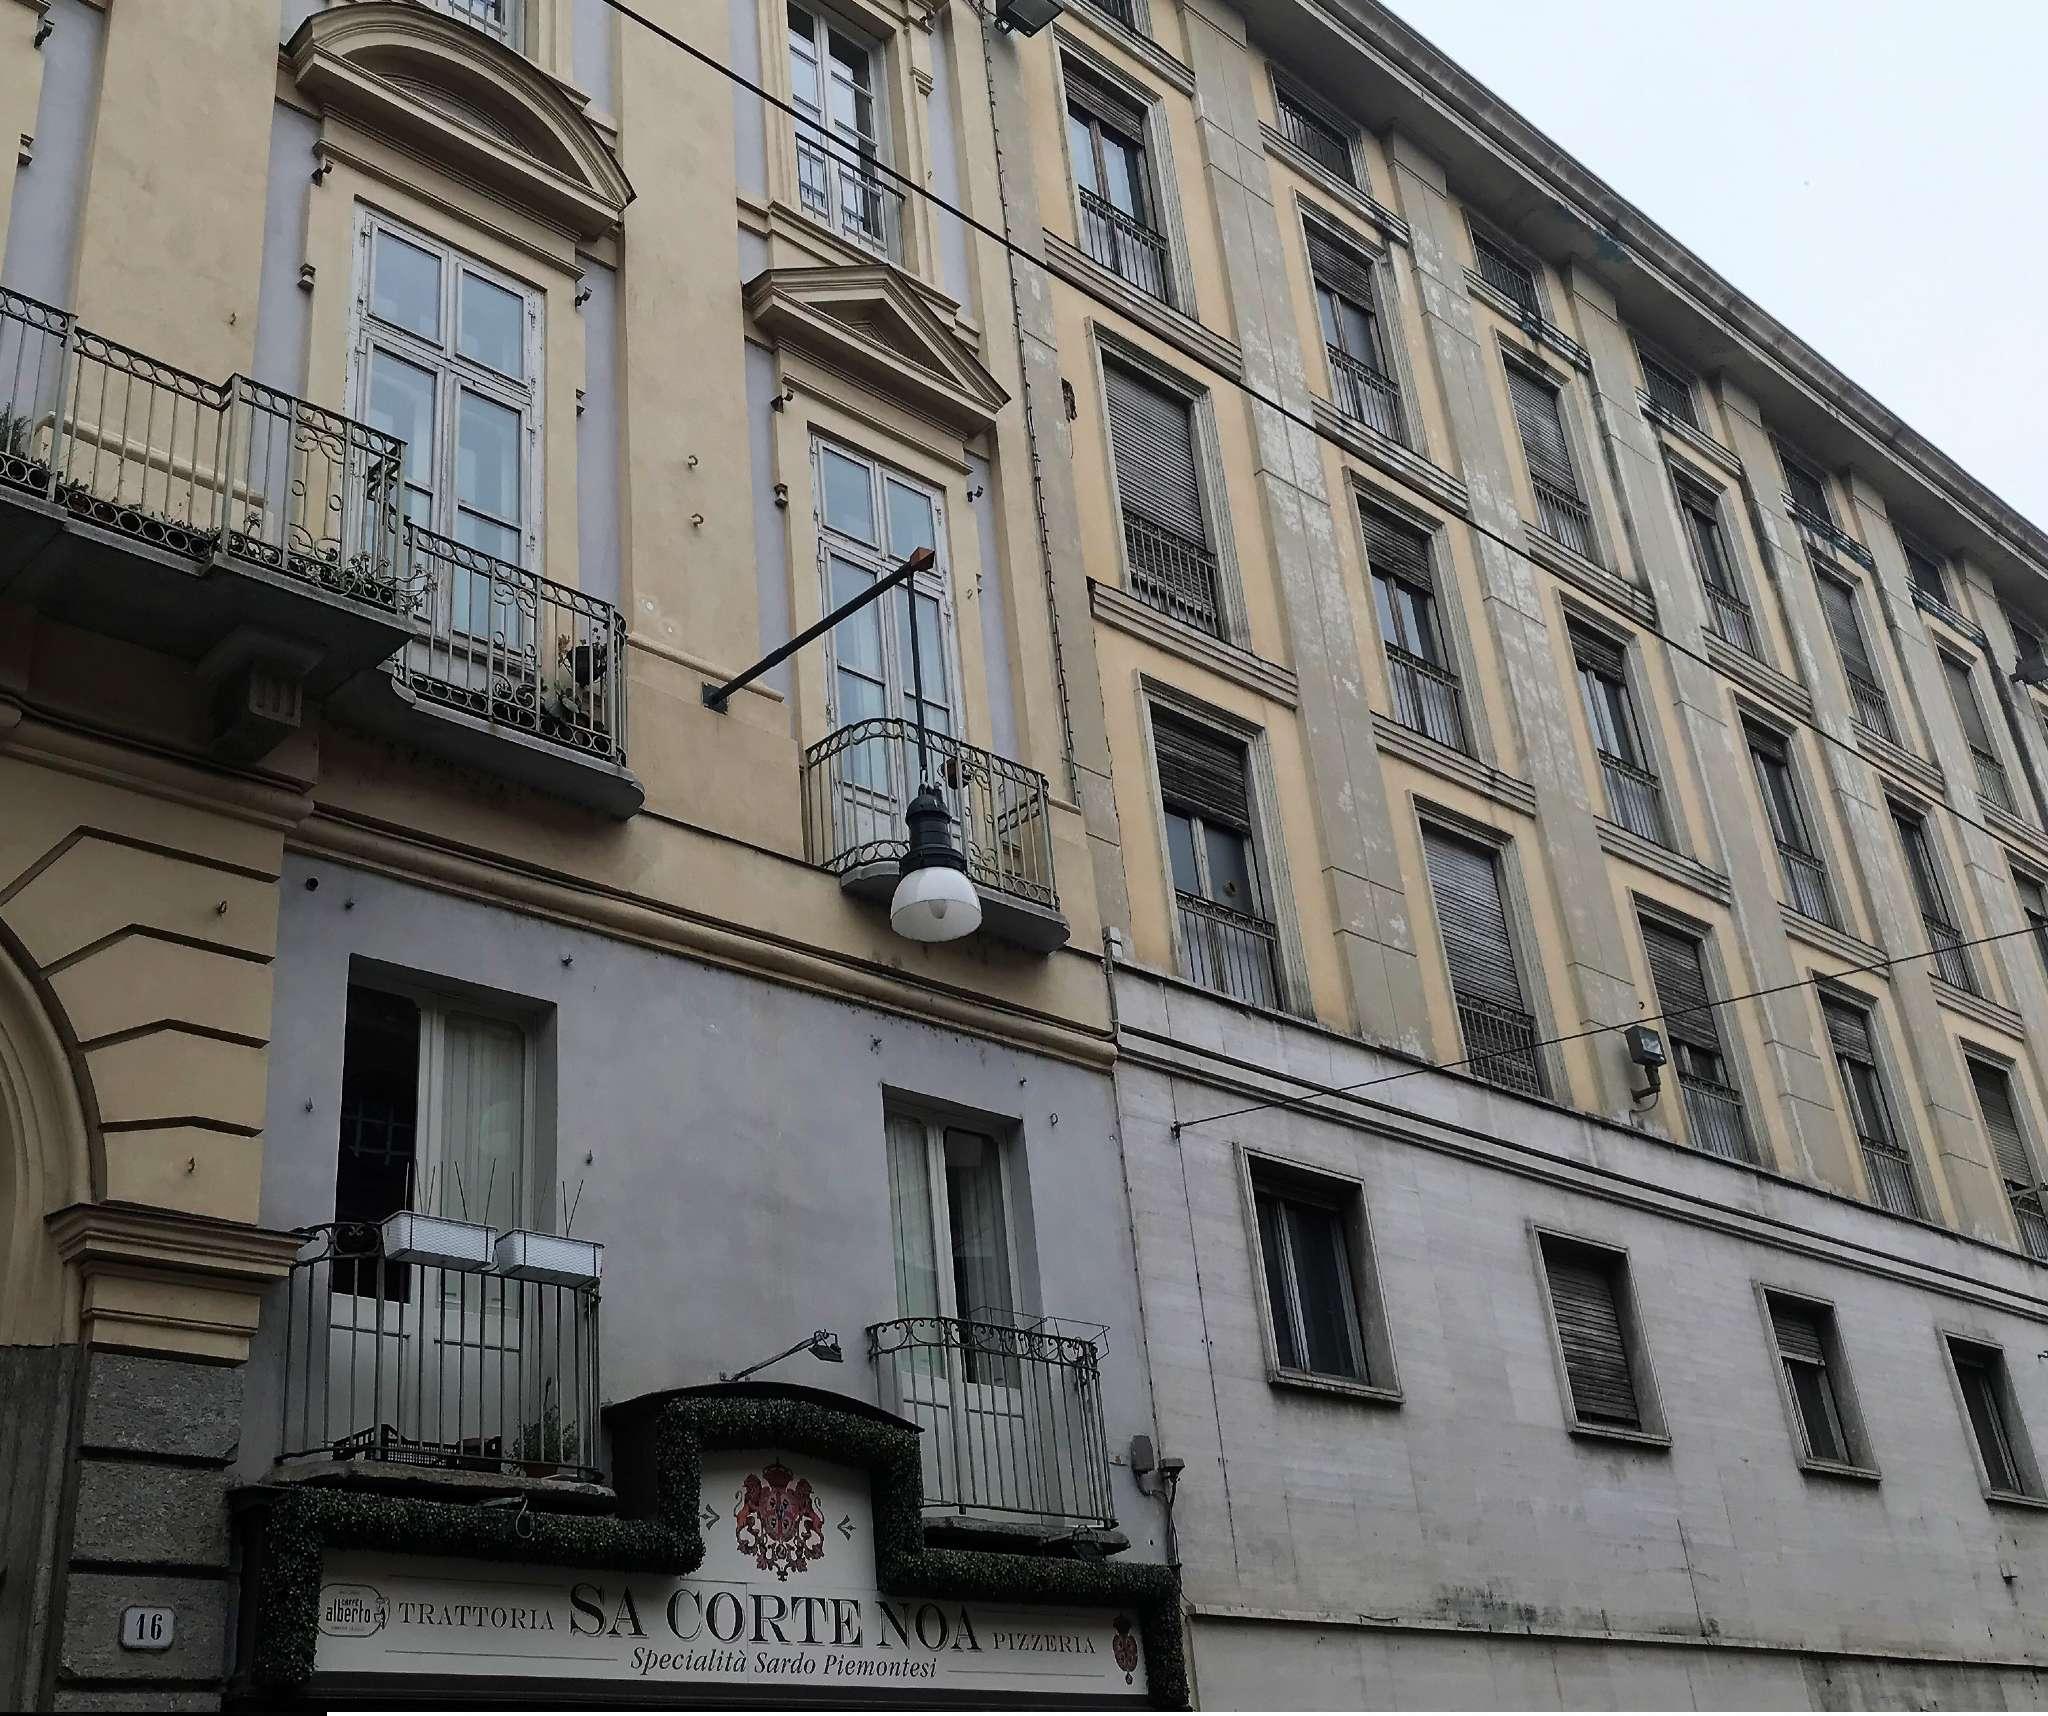 Immagine immobiliare € ***.*** Splendido appartamento in via Milano € ***.*** - Centro - Via Milano, situato nei pressi di Via Garibaldi - APPARTAMENTO di 80mq ristrutturato e completamente ARREDATO, composto da ingresso living su soggiorno con...